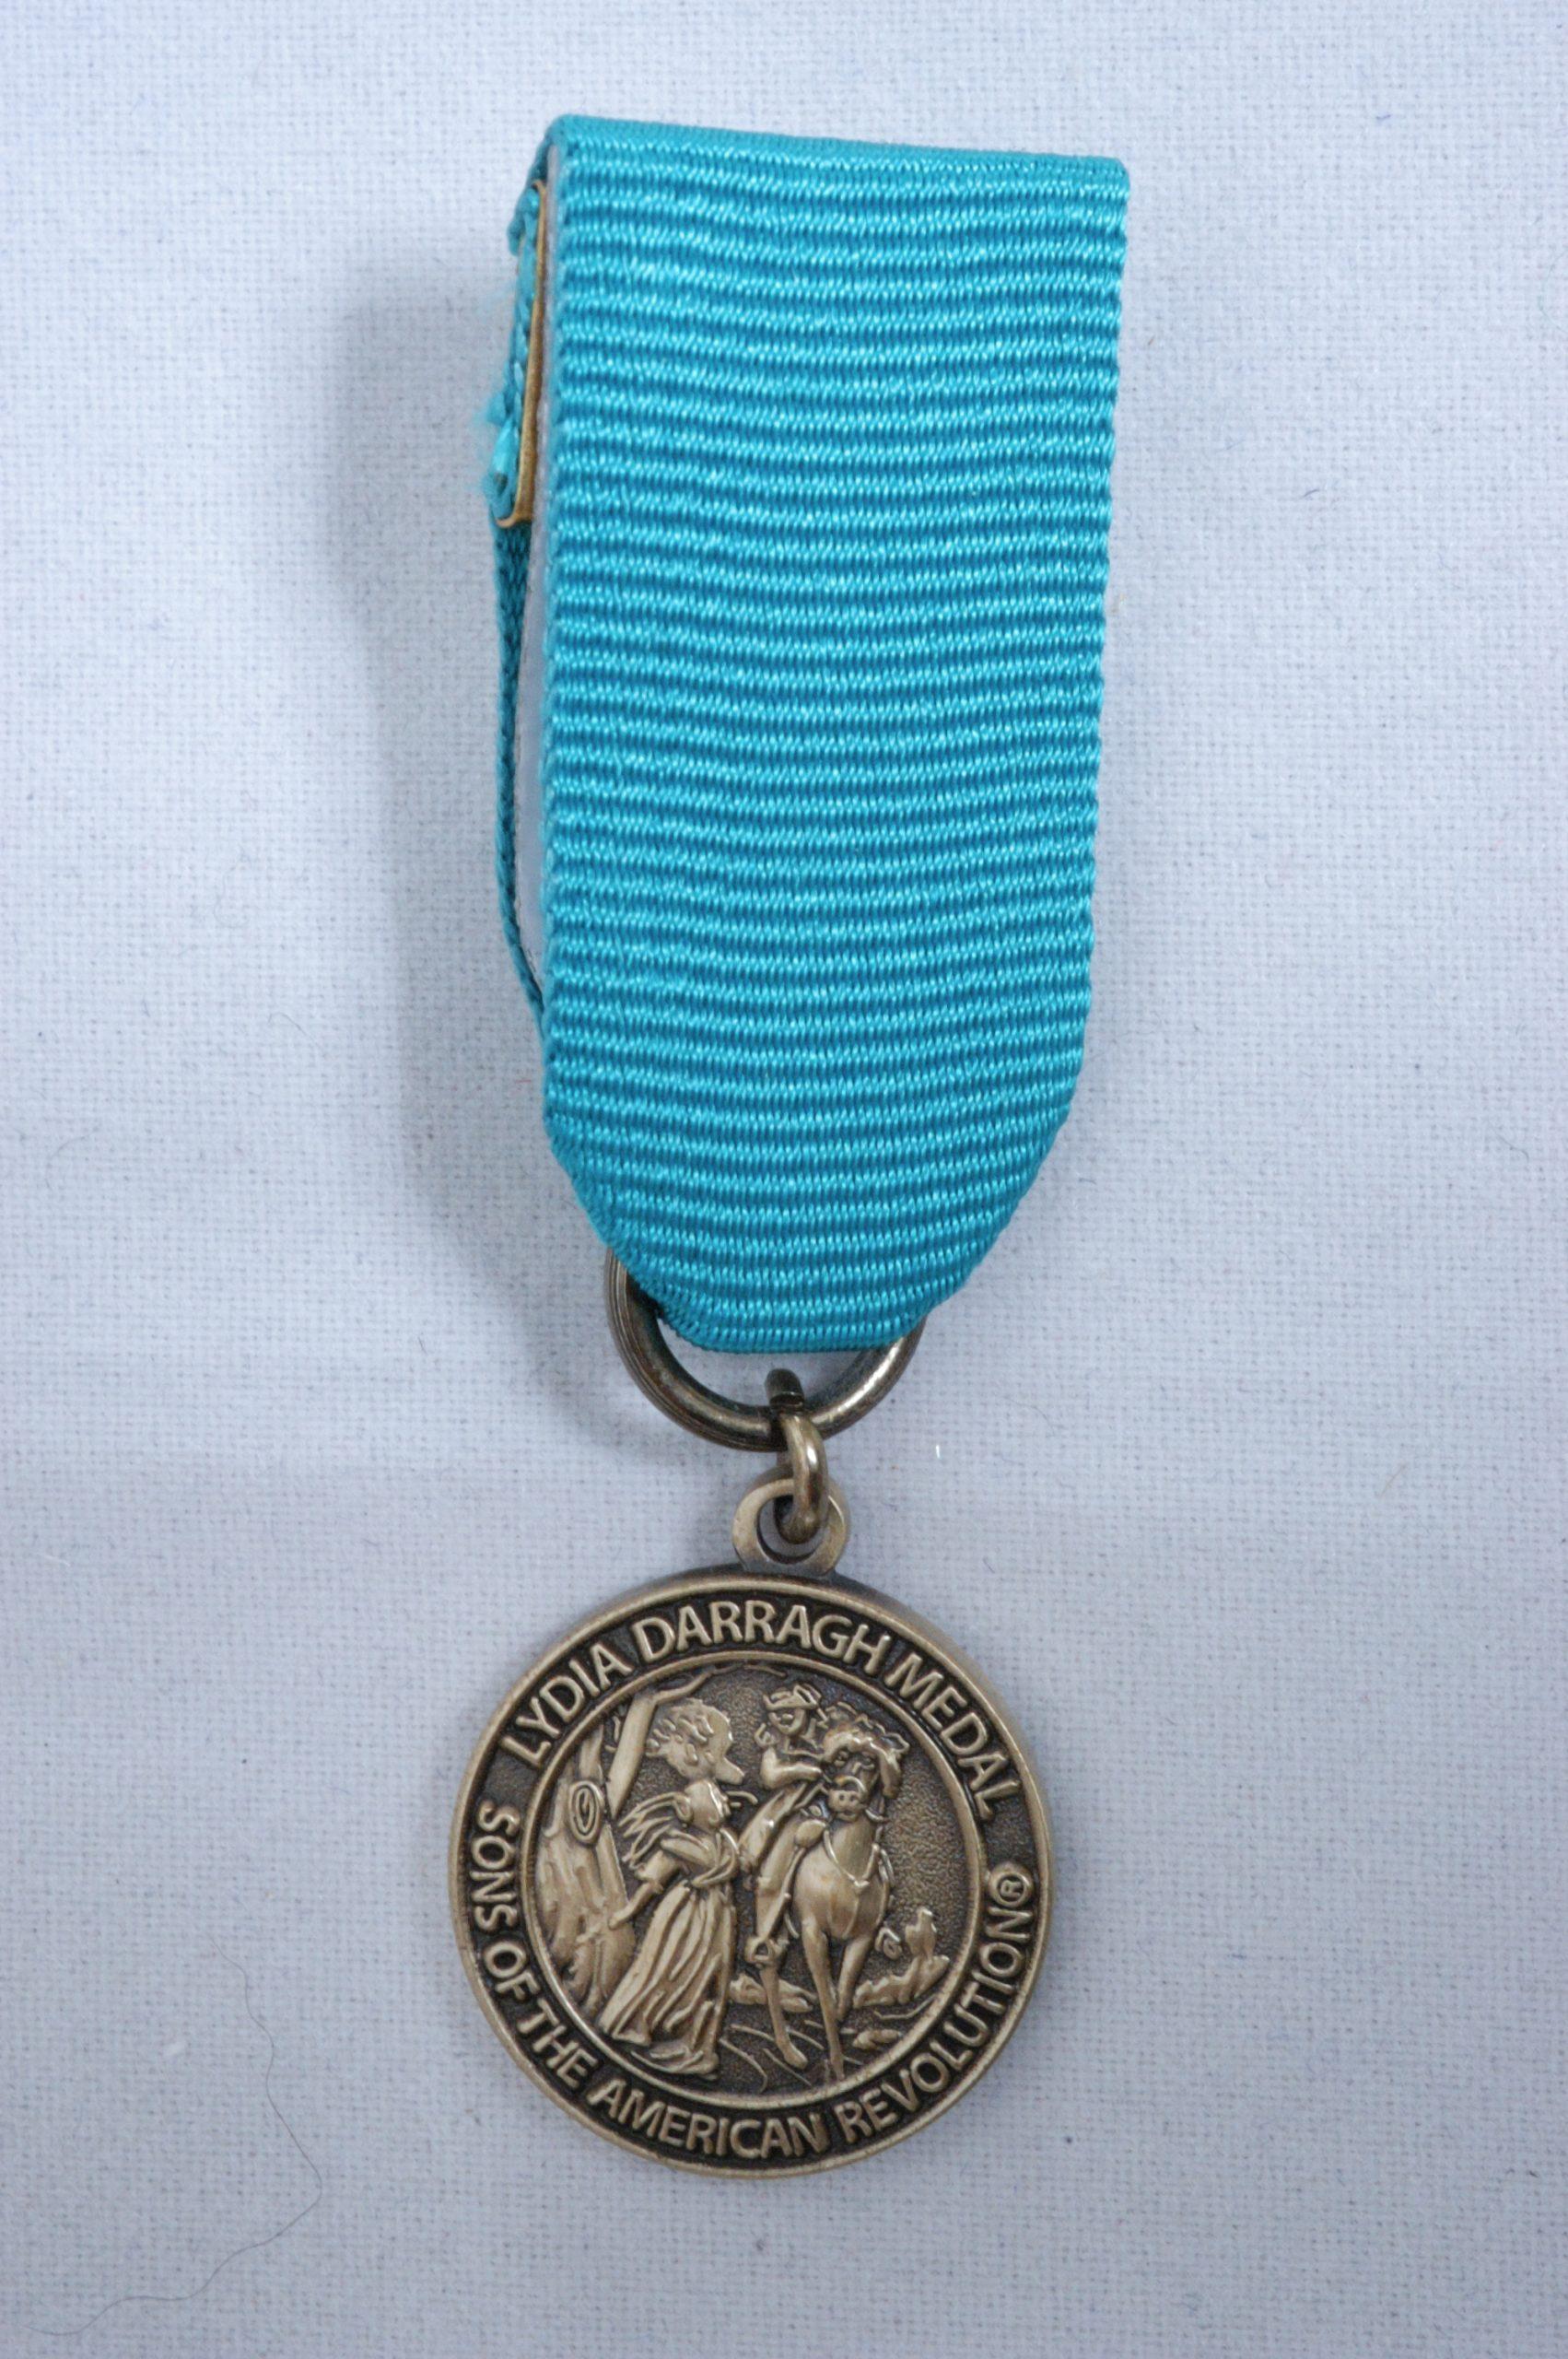 Lydia Darragh Medal